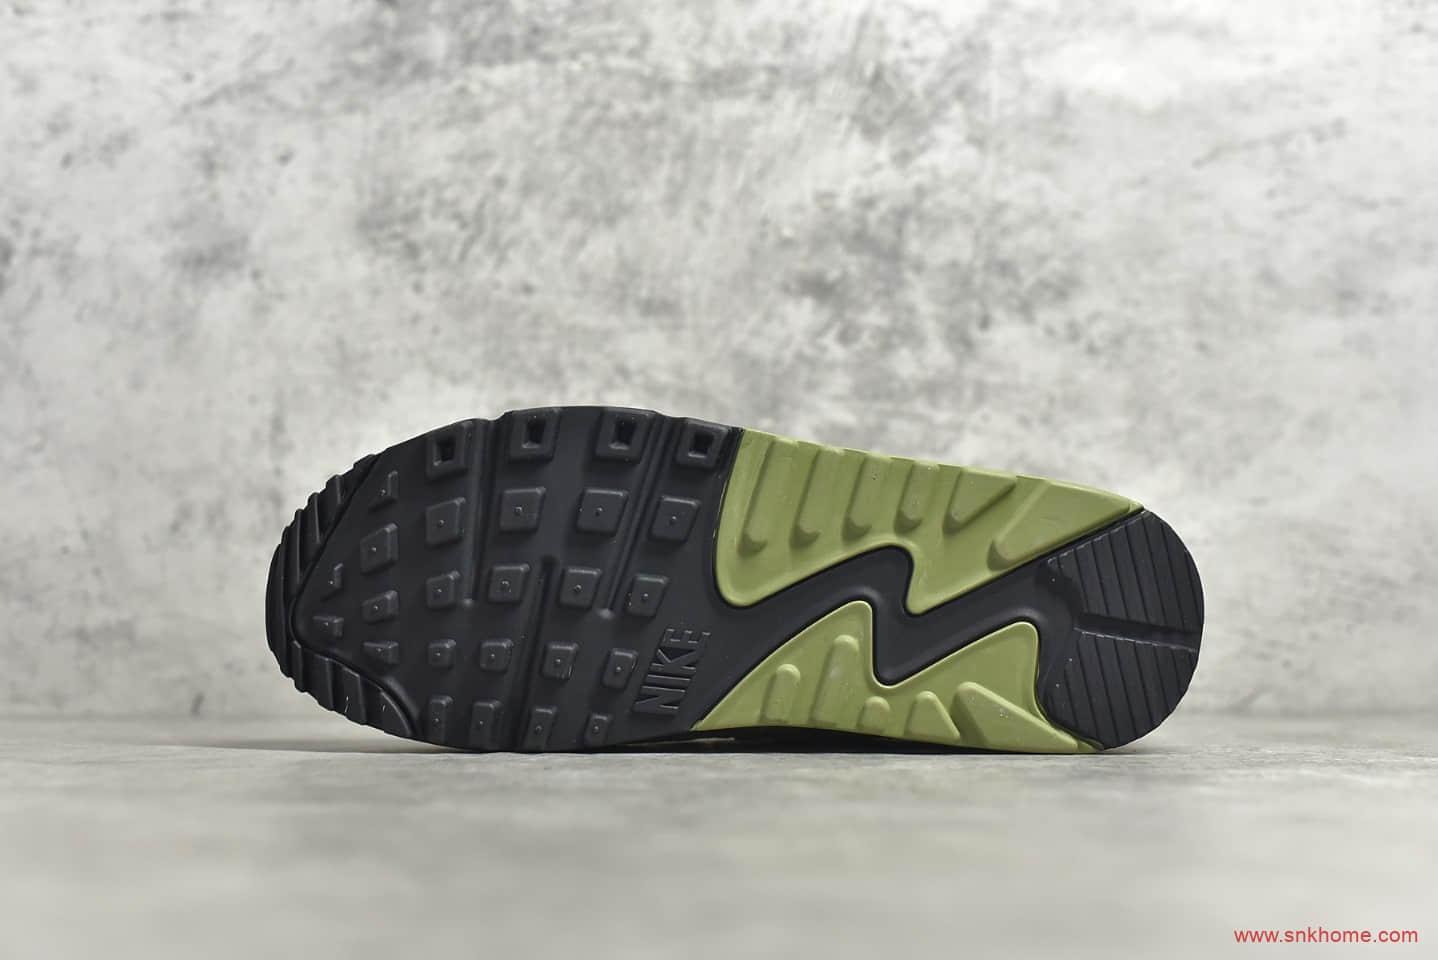 耐克MAX90沙漠灰仙人掌 NIKE AIR MAX 90 NRG Air Max 90 Desert Sand 耐克浅灰色气垫跑鞋 货号:CI5646-200-潮流者之家